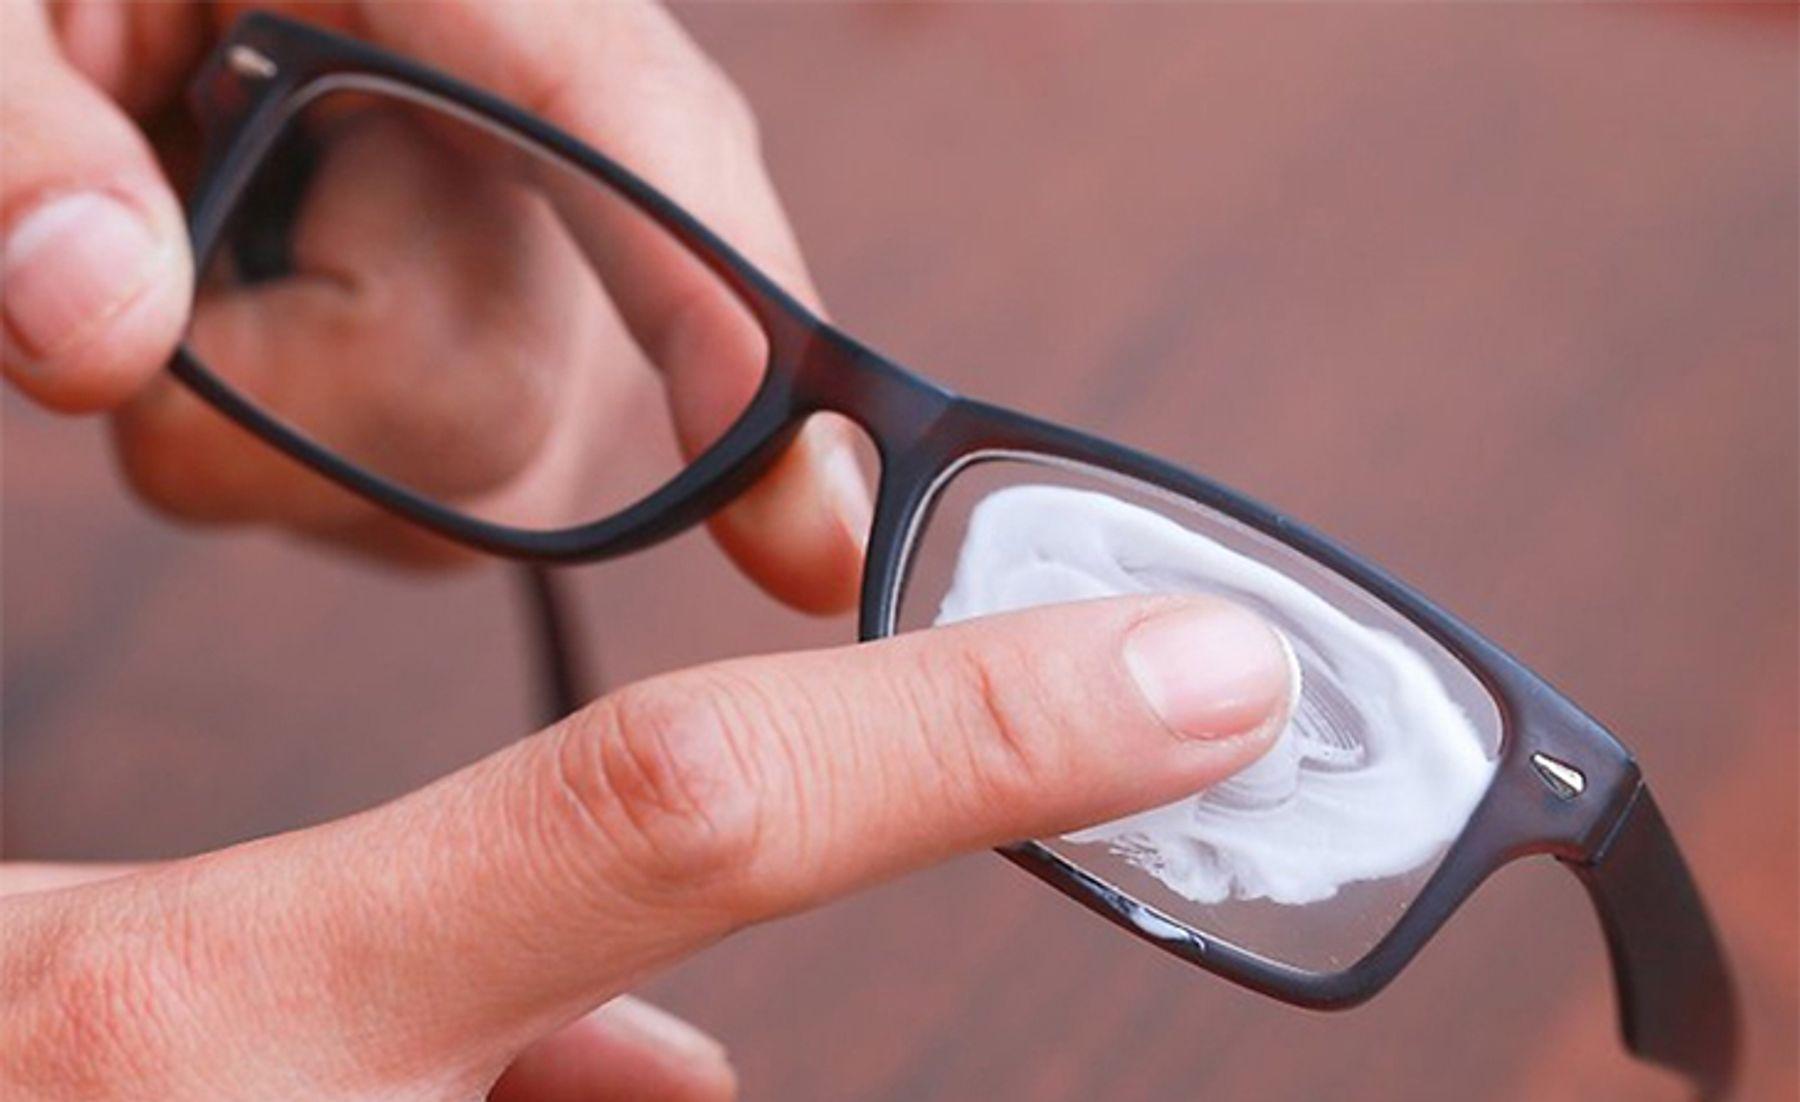 Dùng kem đánh bóng kim loại để xóa vết xước trên mặt kính